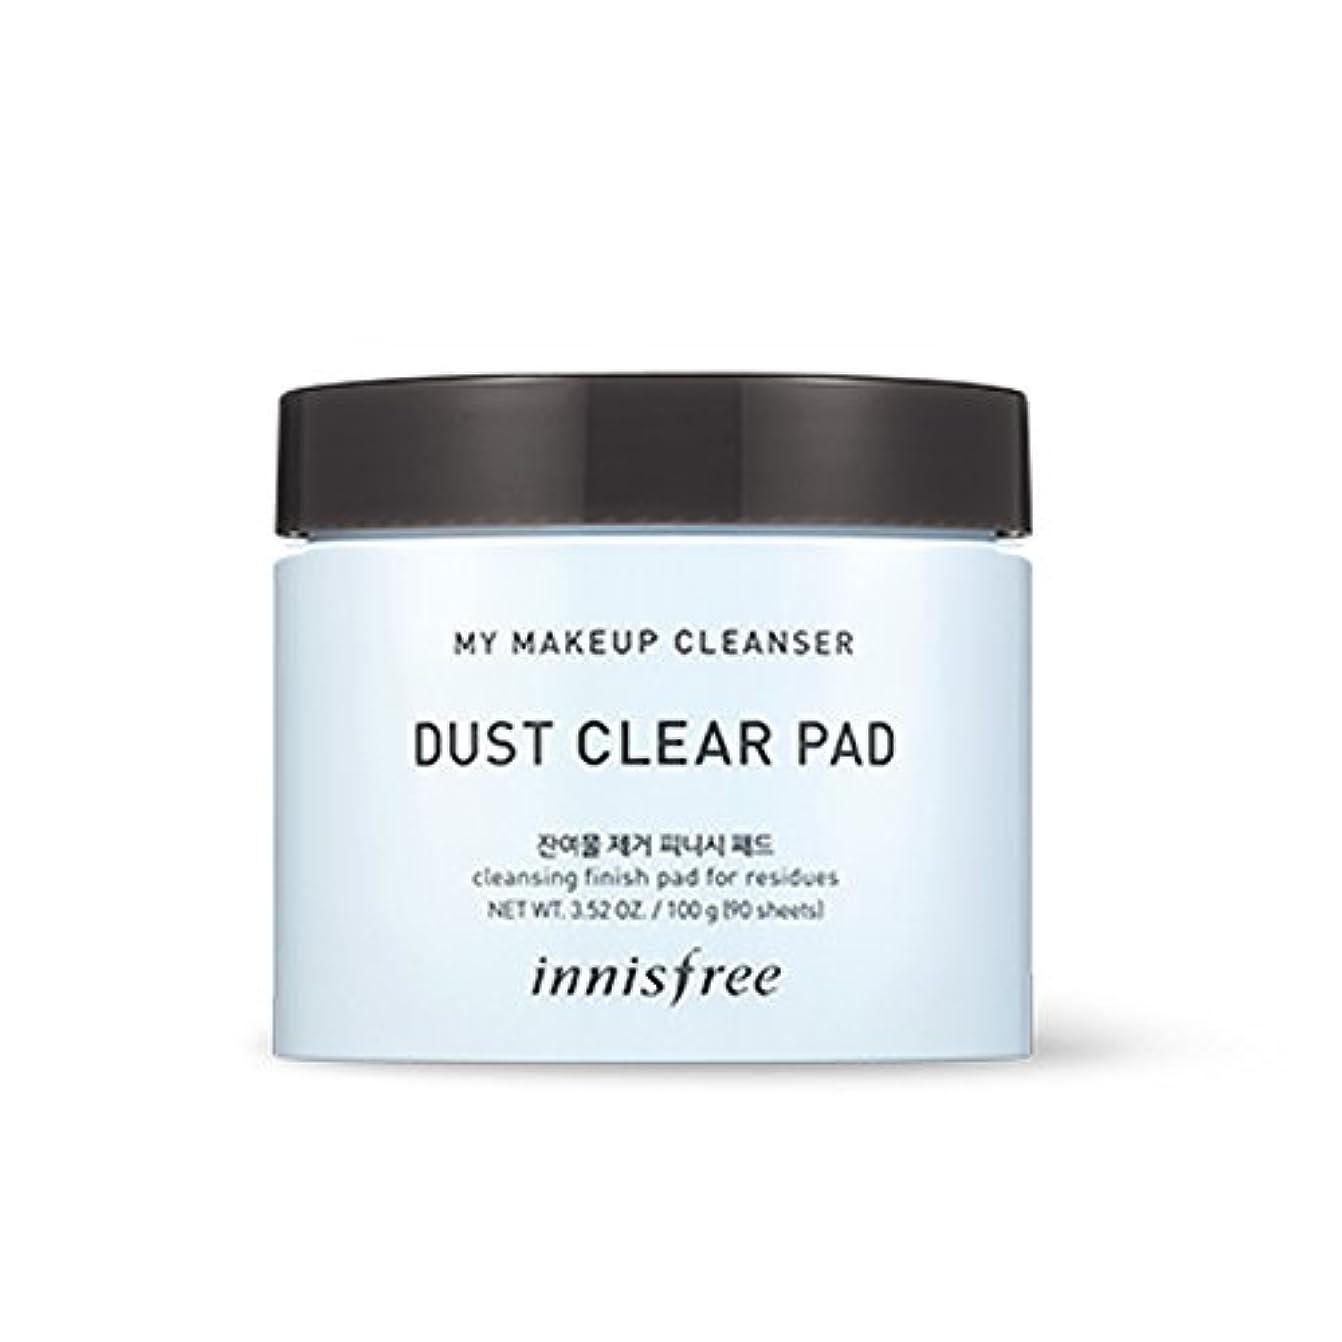 前部肘登山家イニスフリーマイメイクアップクレンザー - ダストクリアパッド90ea x 1個 Innisfree My Makeup Cleanser - Dust Clear Pad 90ea x 1pcs [海外直送品][並行輸入品]